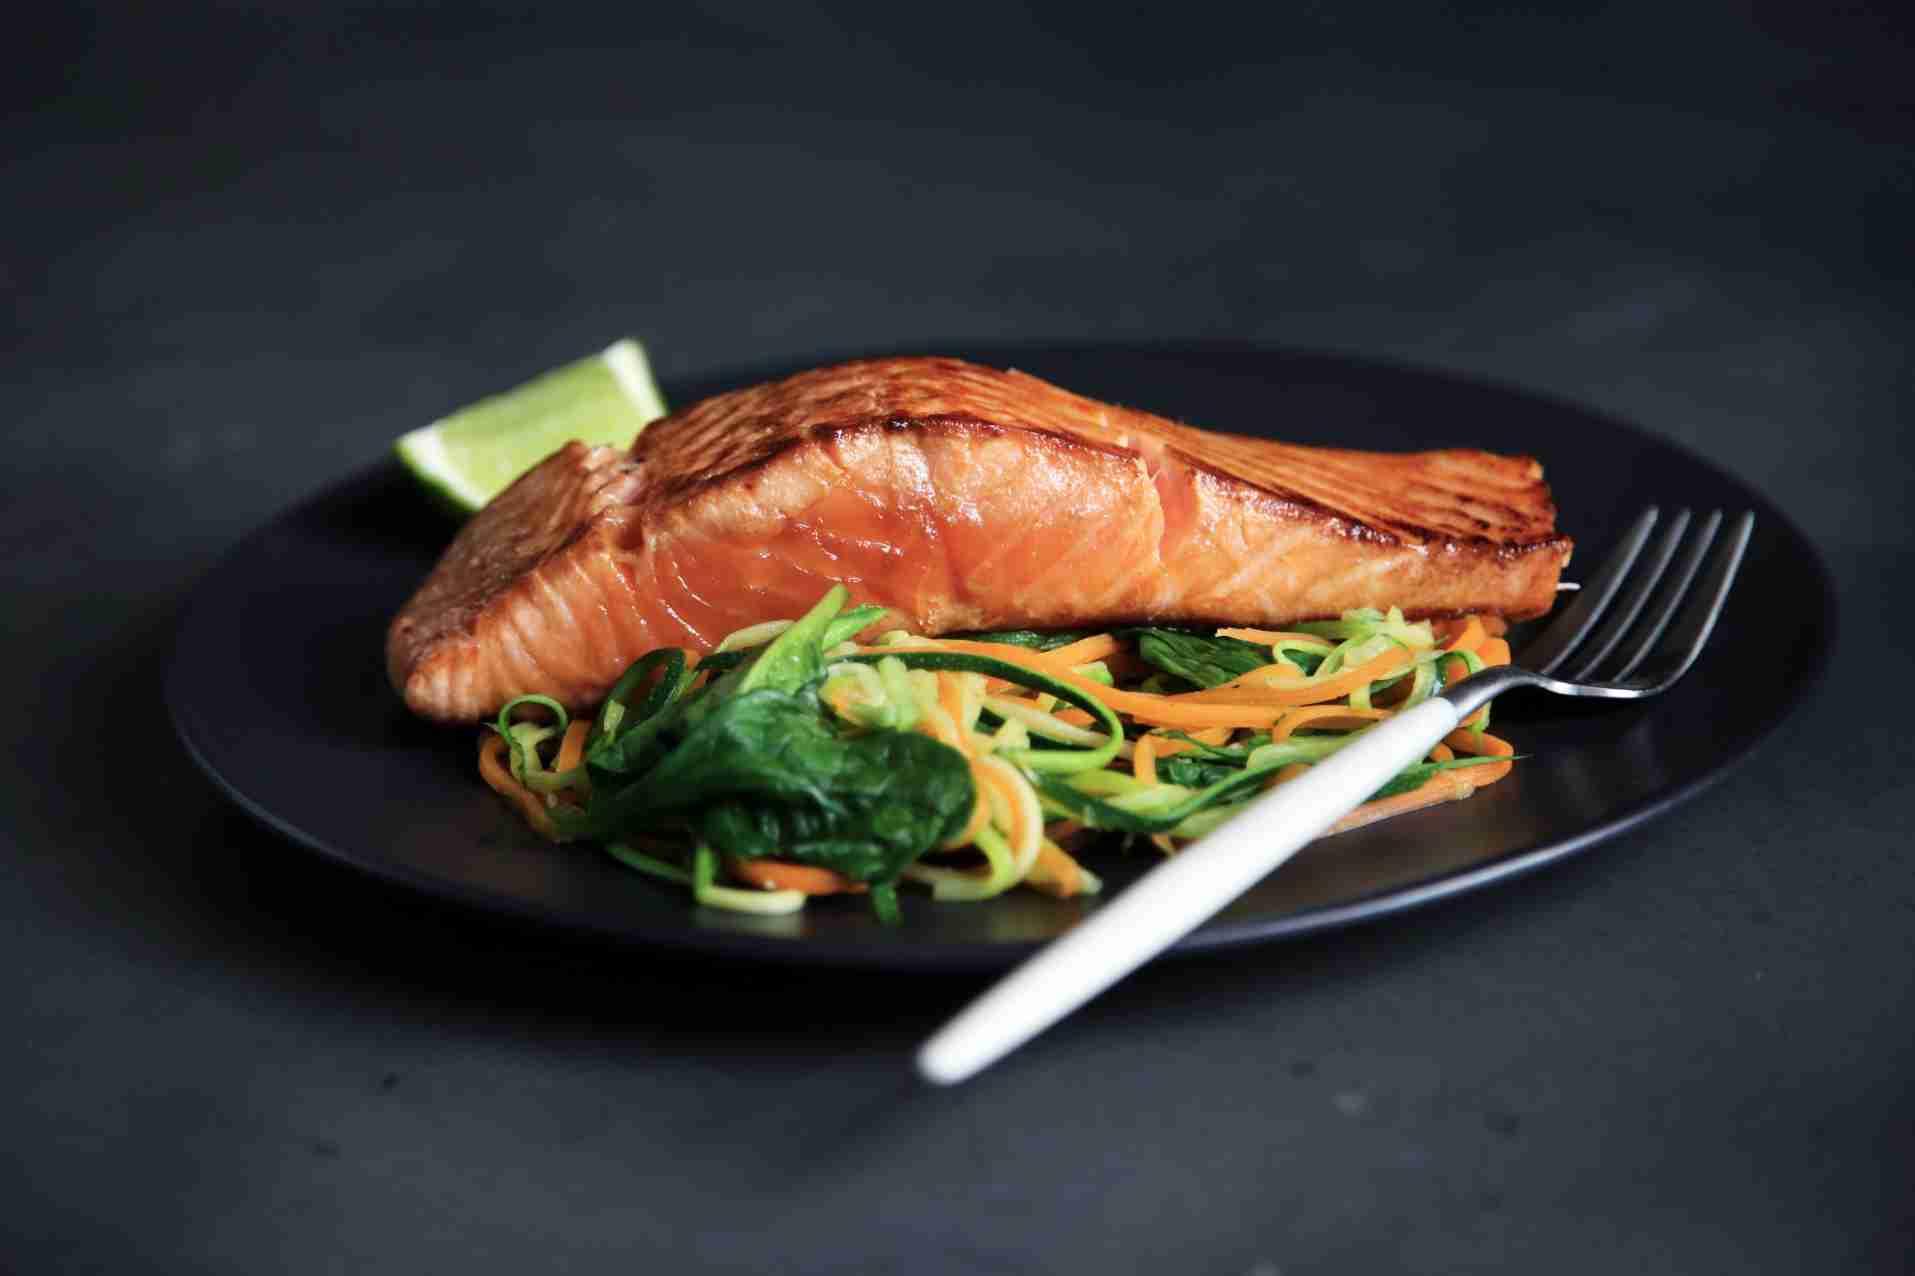 Cómo cocinar el salmón, recetas para saborearlo cómo es debido